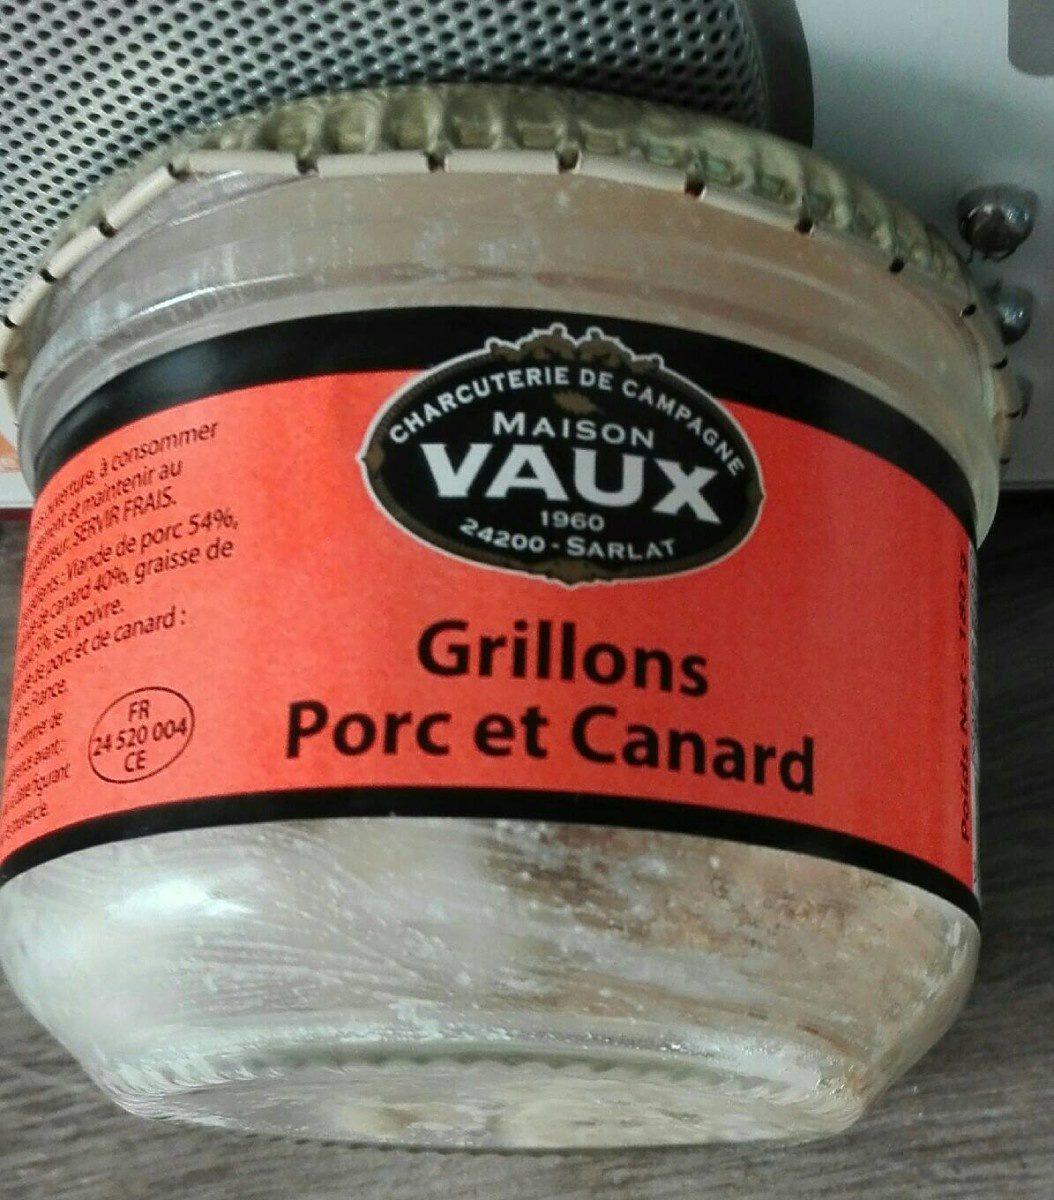 Grillons Porc et Canard - Product - fr